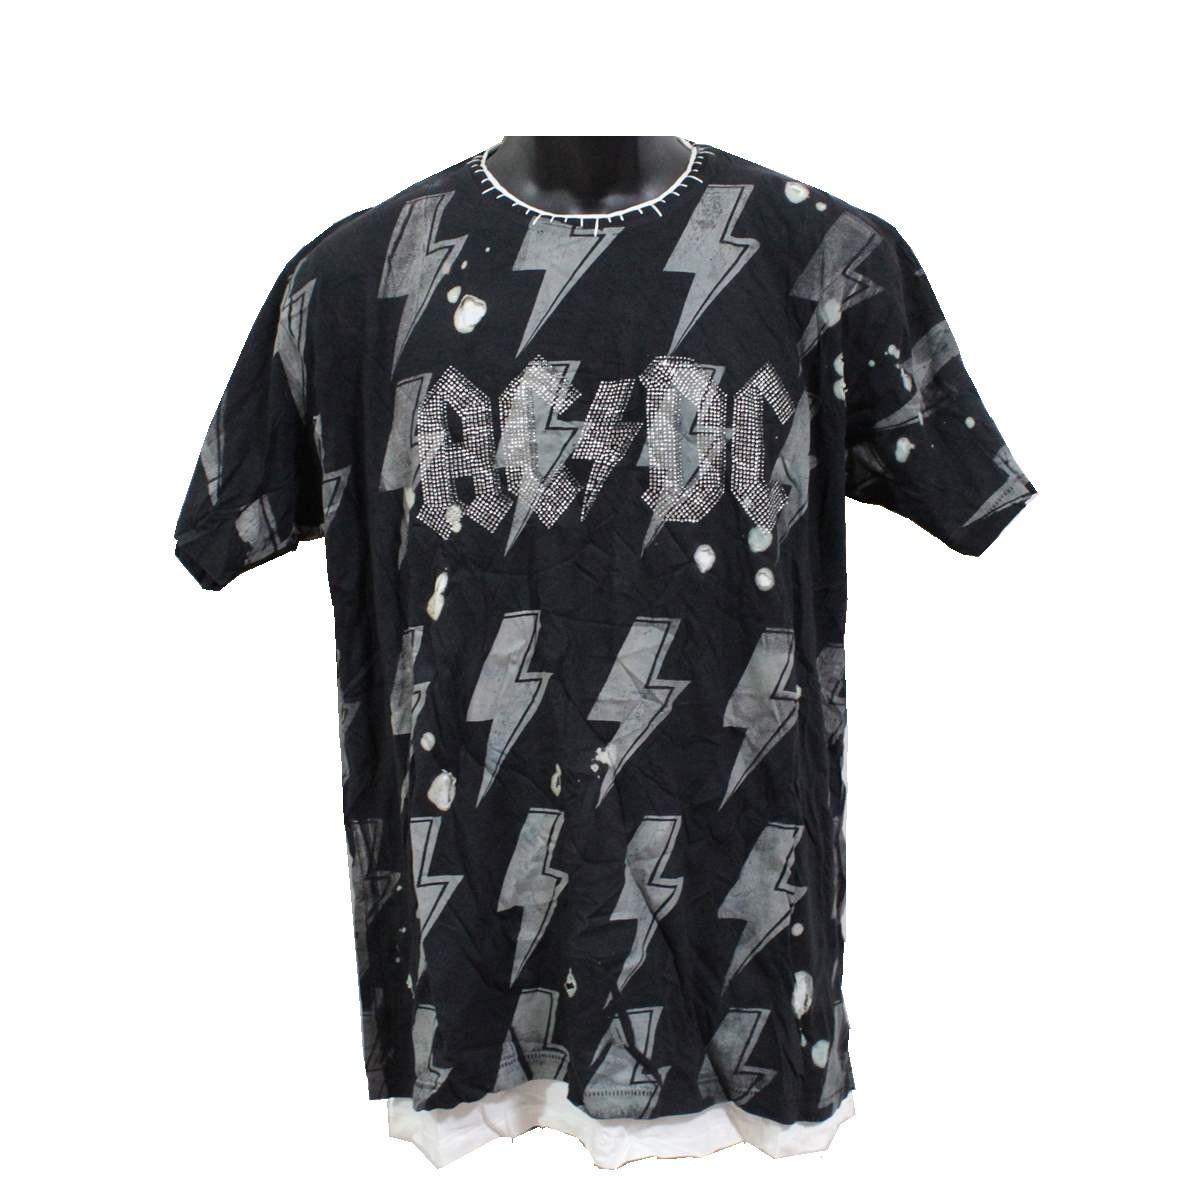 サディスティックアクション SADISTIC ACTION アイコニック ICONIC COTURE メンズ半袖Tシャツ AC/DC Sサイズ 新品_画像1